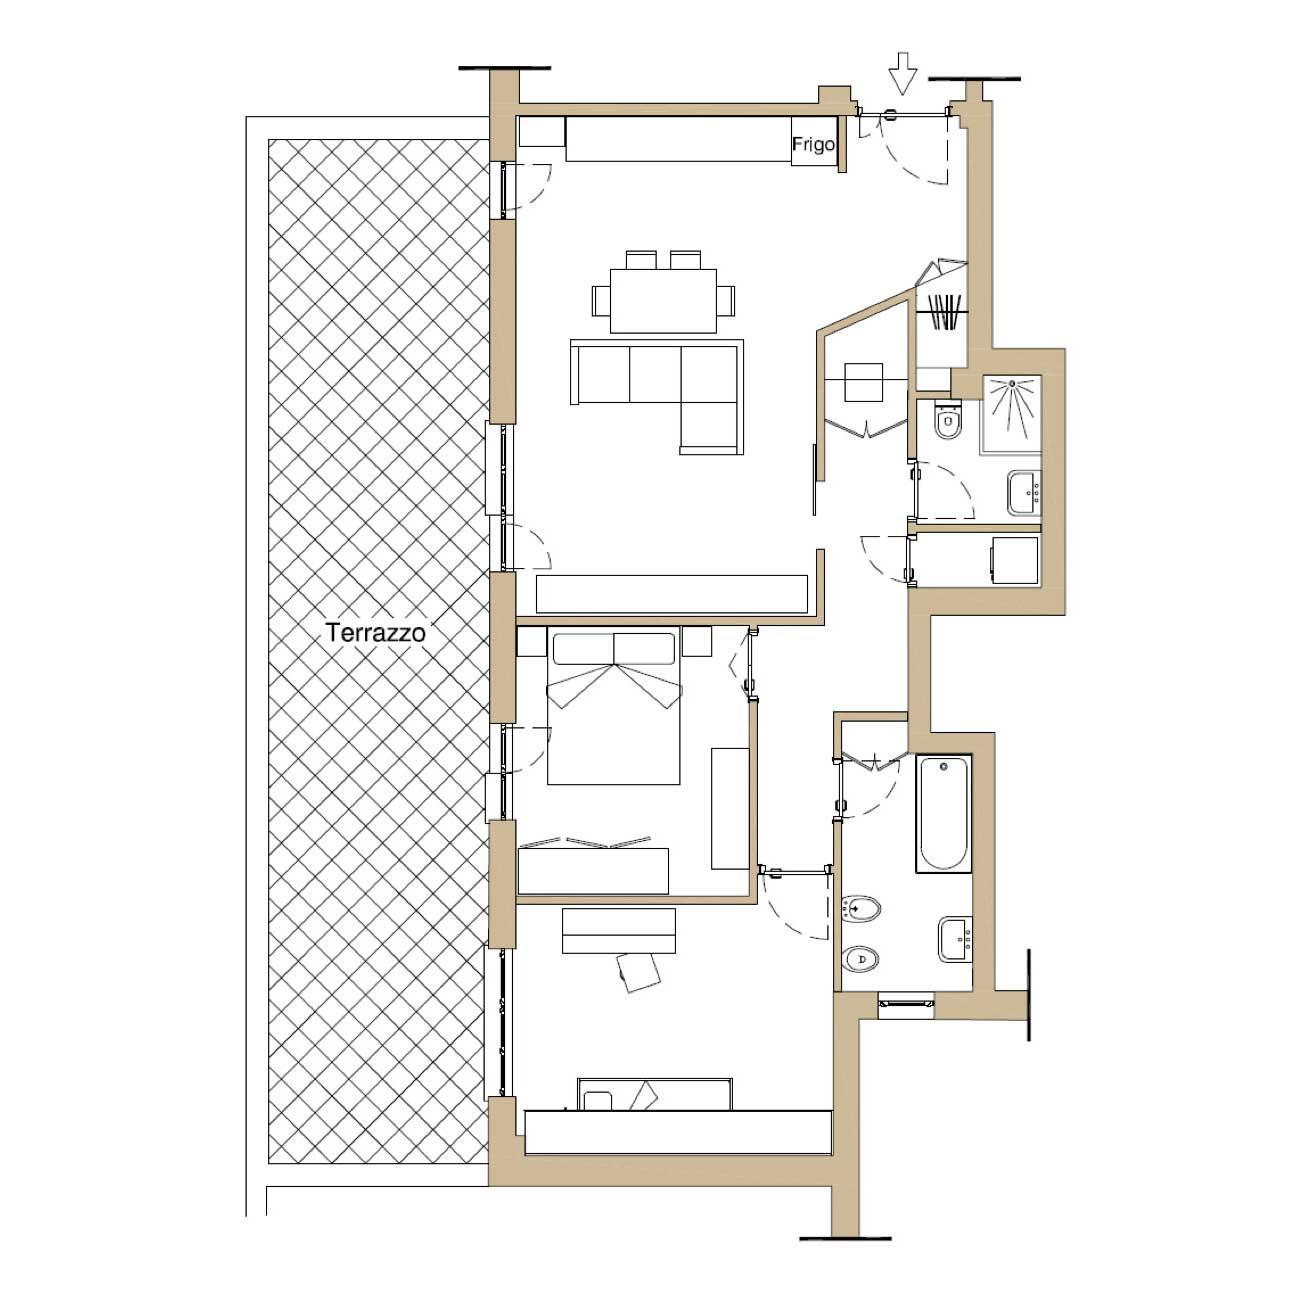 Piantina-Ristrutturazione-appartamento-via-Scipio-Sighele